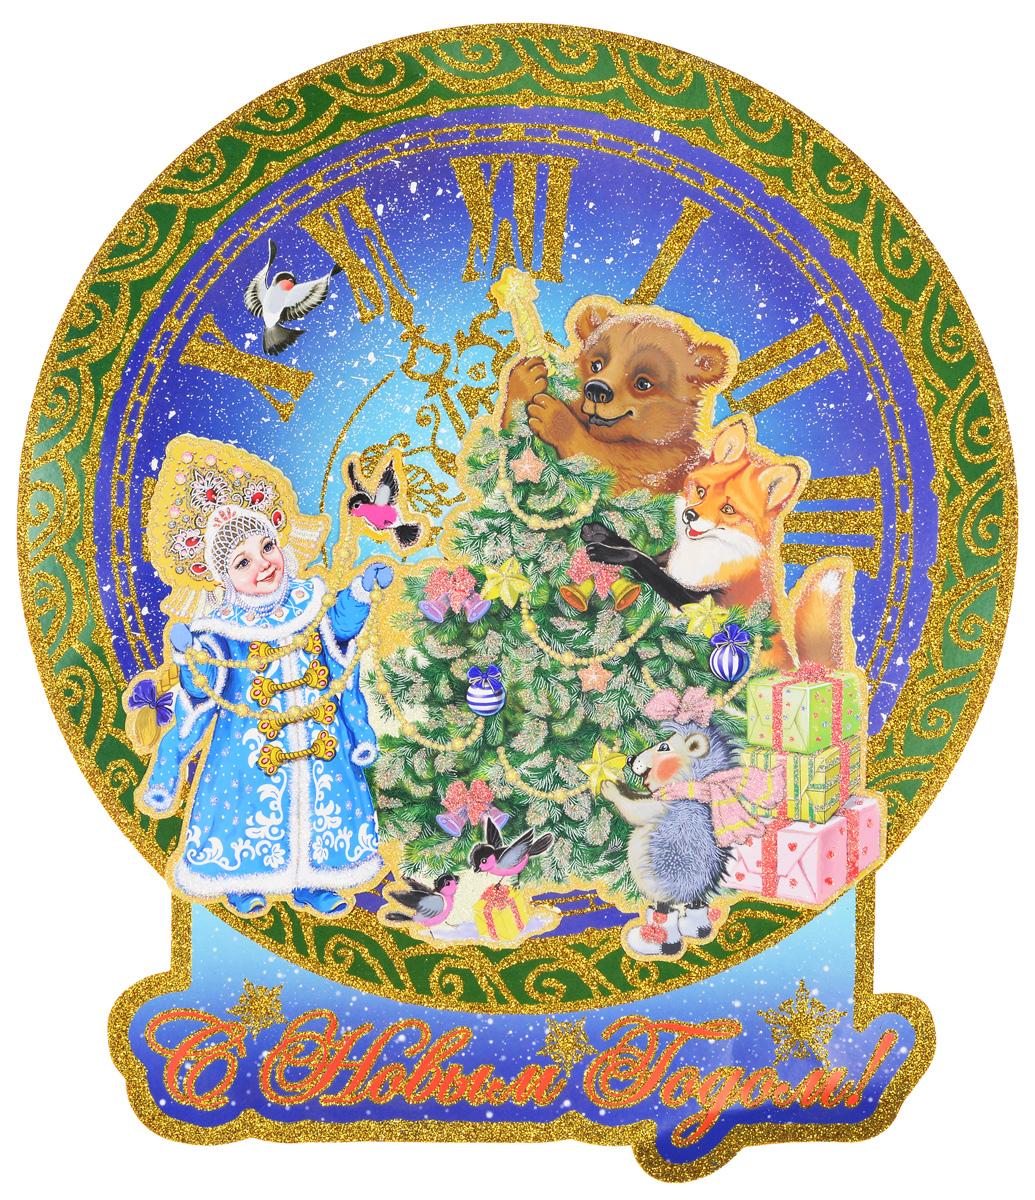 """Двухстороннее новогоднее украшение Magic Time  """"Снегурочка и медвежонок"""", выполнено из картона в виде  панно и декорировано блестками. Изделие предназначено для  праздничного оформления стен, окон и дверей. С помощью  такого украшения можно составлять на мебели целые зимние  сюжеты, которые будут радовать глаз и поднимать настроение в  праздничные дни! Также вы можете преподнести этот сувенир  в качестве мини-презента коллегам, близким и друзьям с  пожеланиями счастливого Нового Года! В комплект входят клеевые подушечки. Плотность картона: 300 г/м2."""